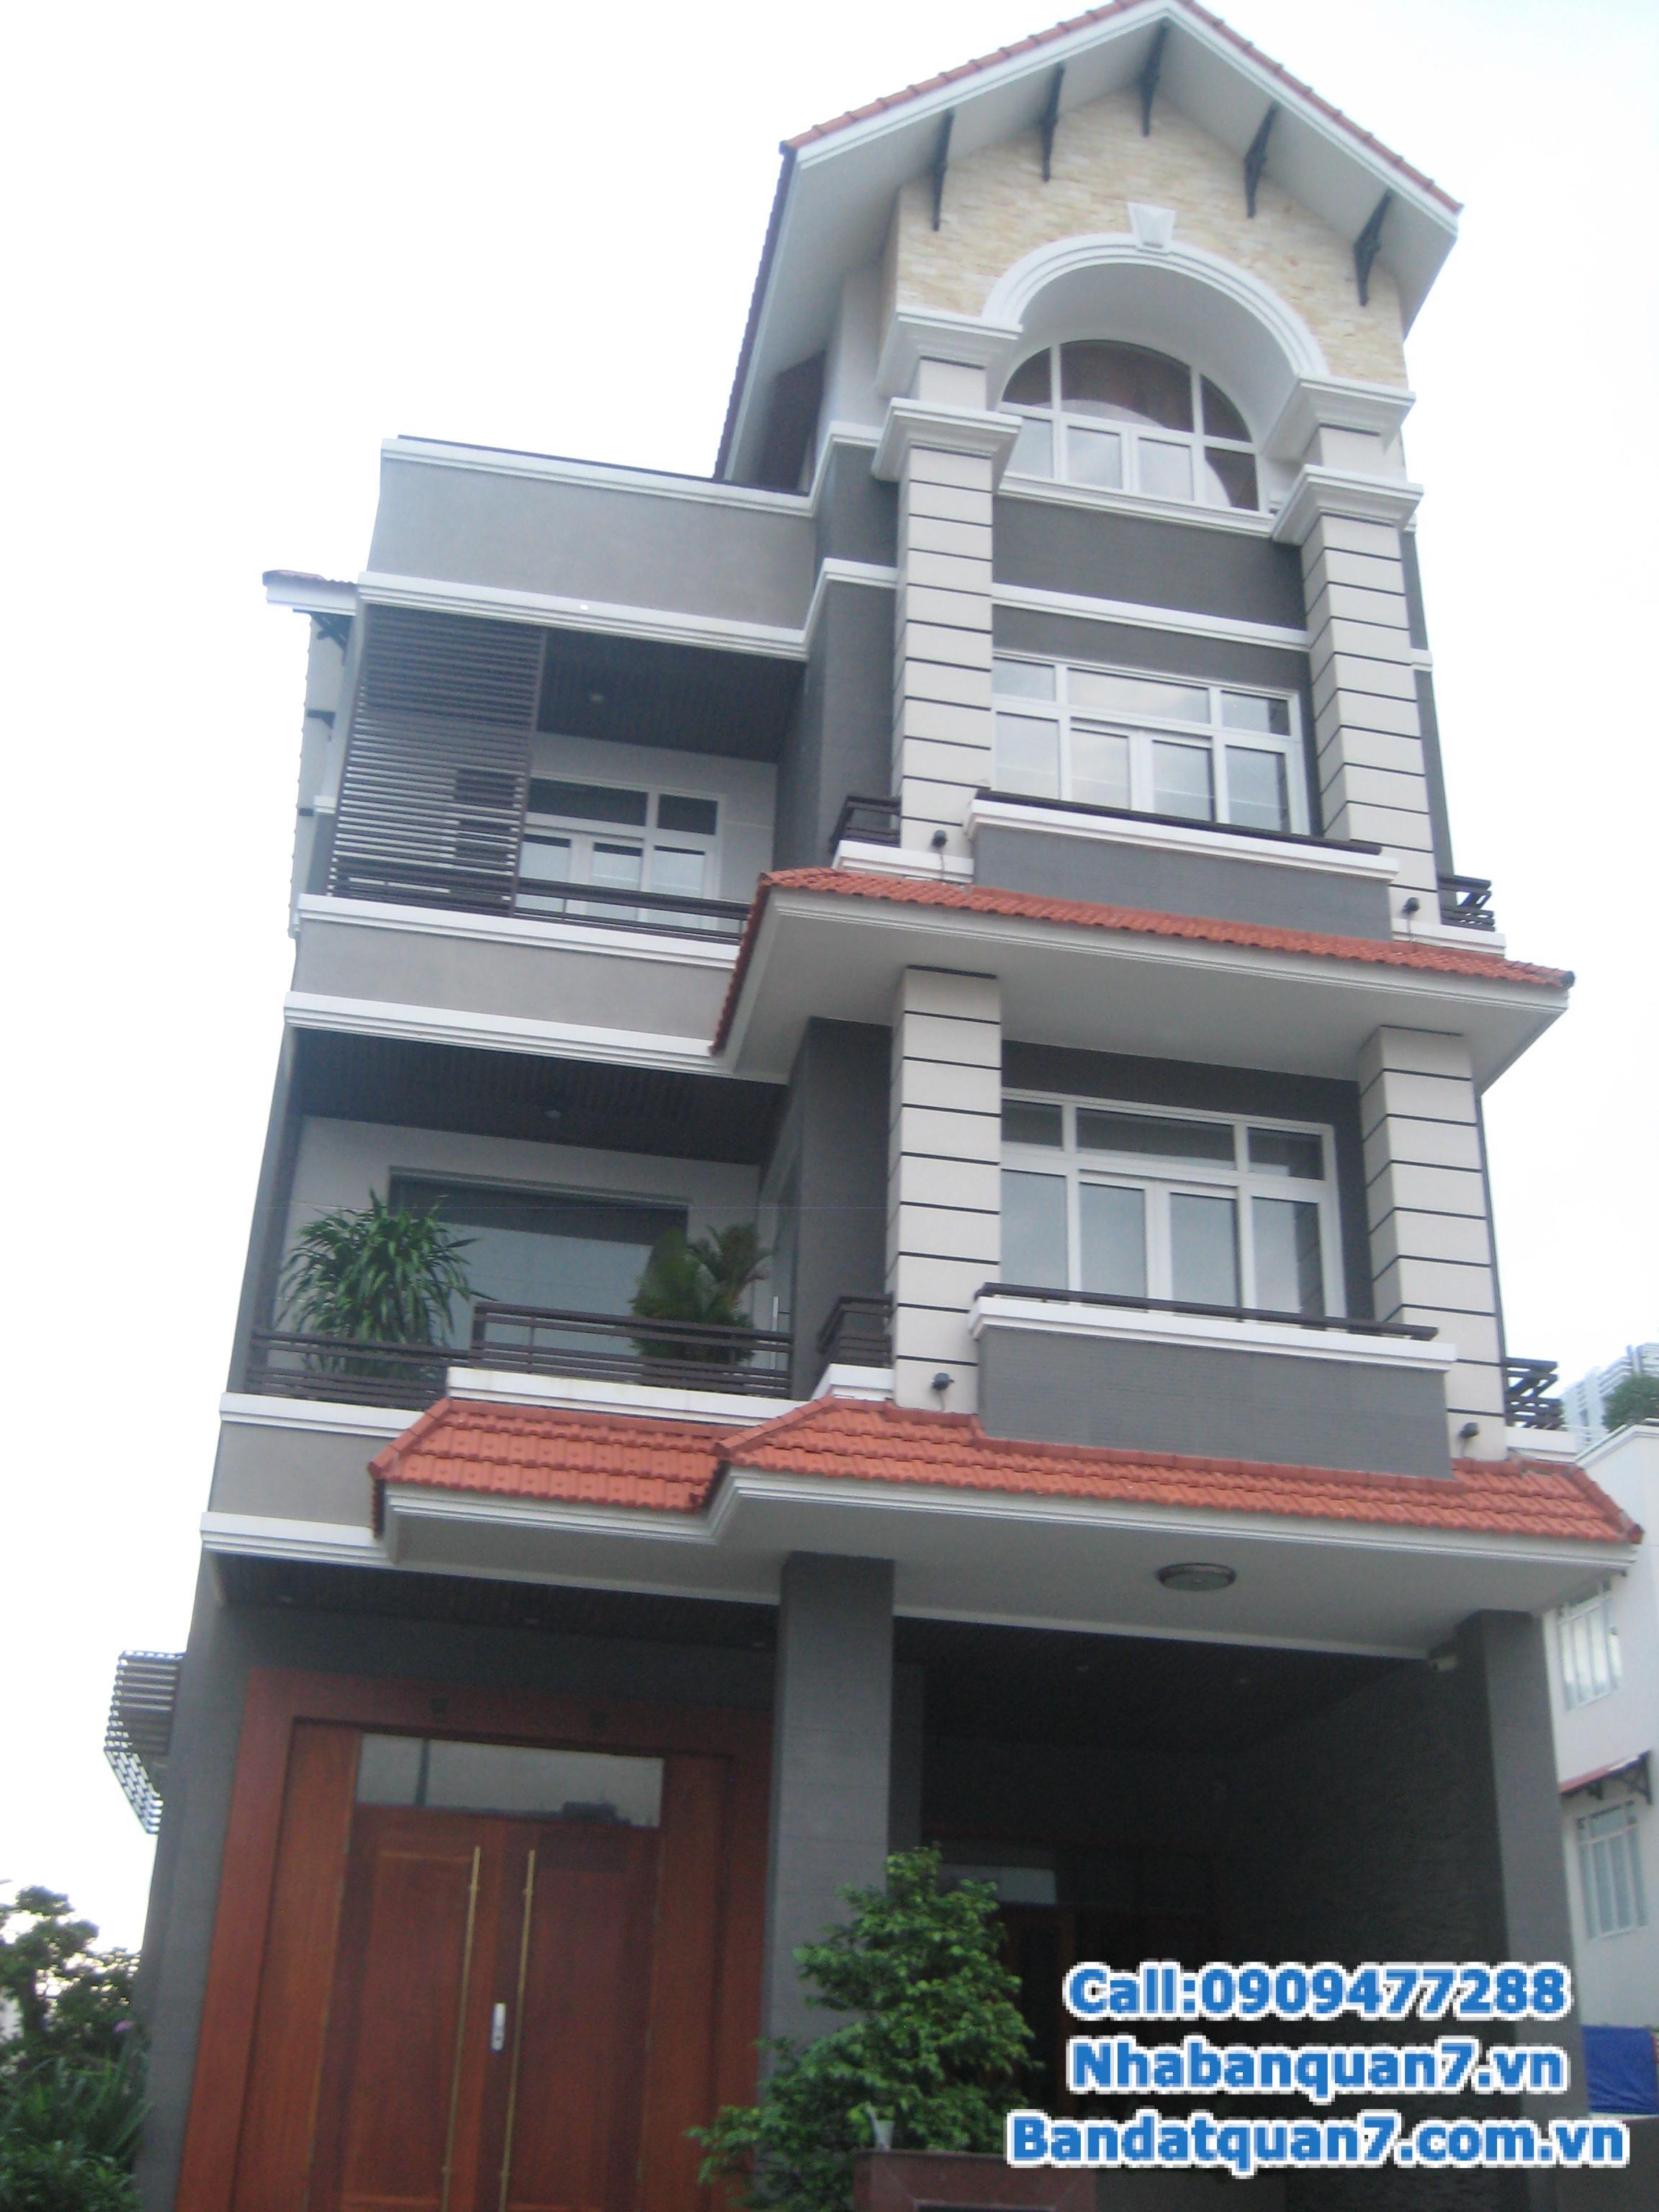 Cần bán nhà Him Lam Kênh Tẻ Q7, mặt tiền đường D1 (35m2). Căn O62, dt 5x20m, giá 11 tỷ